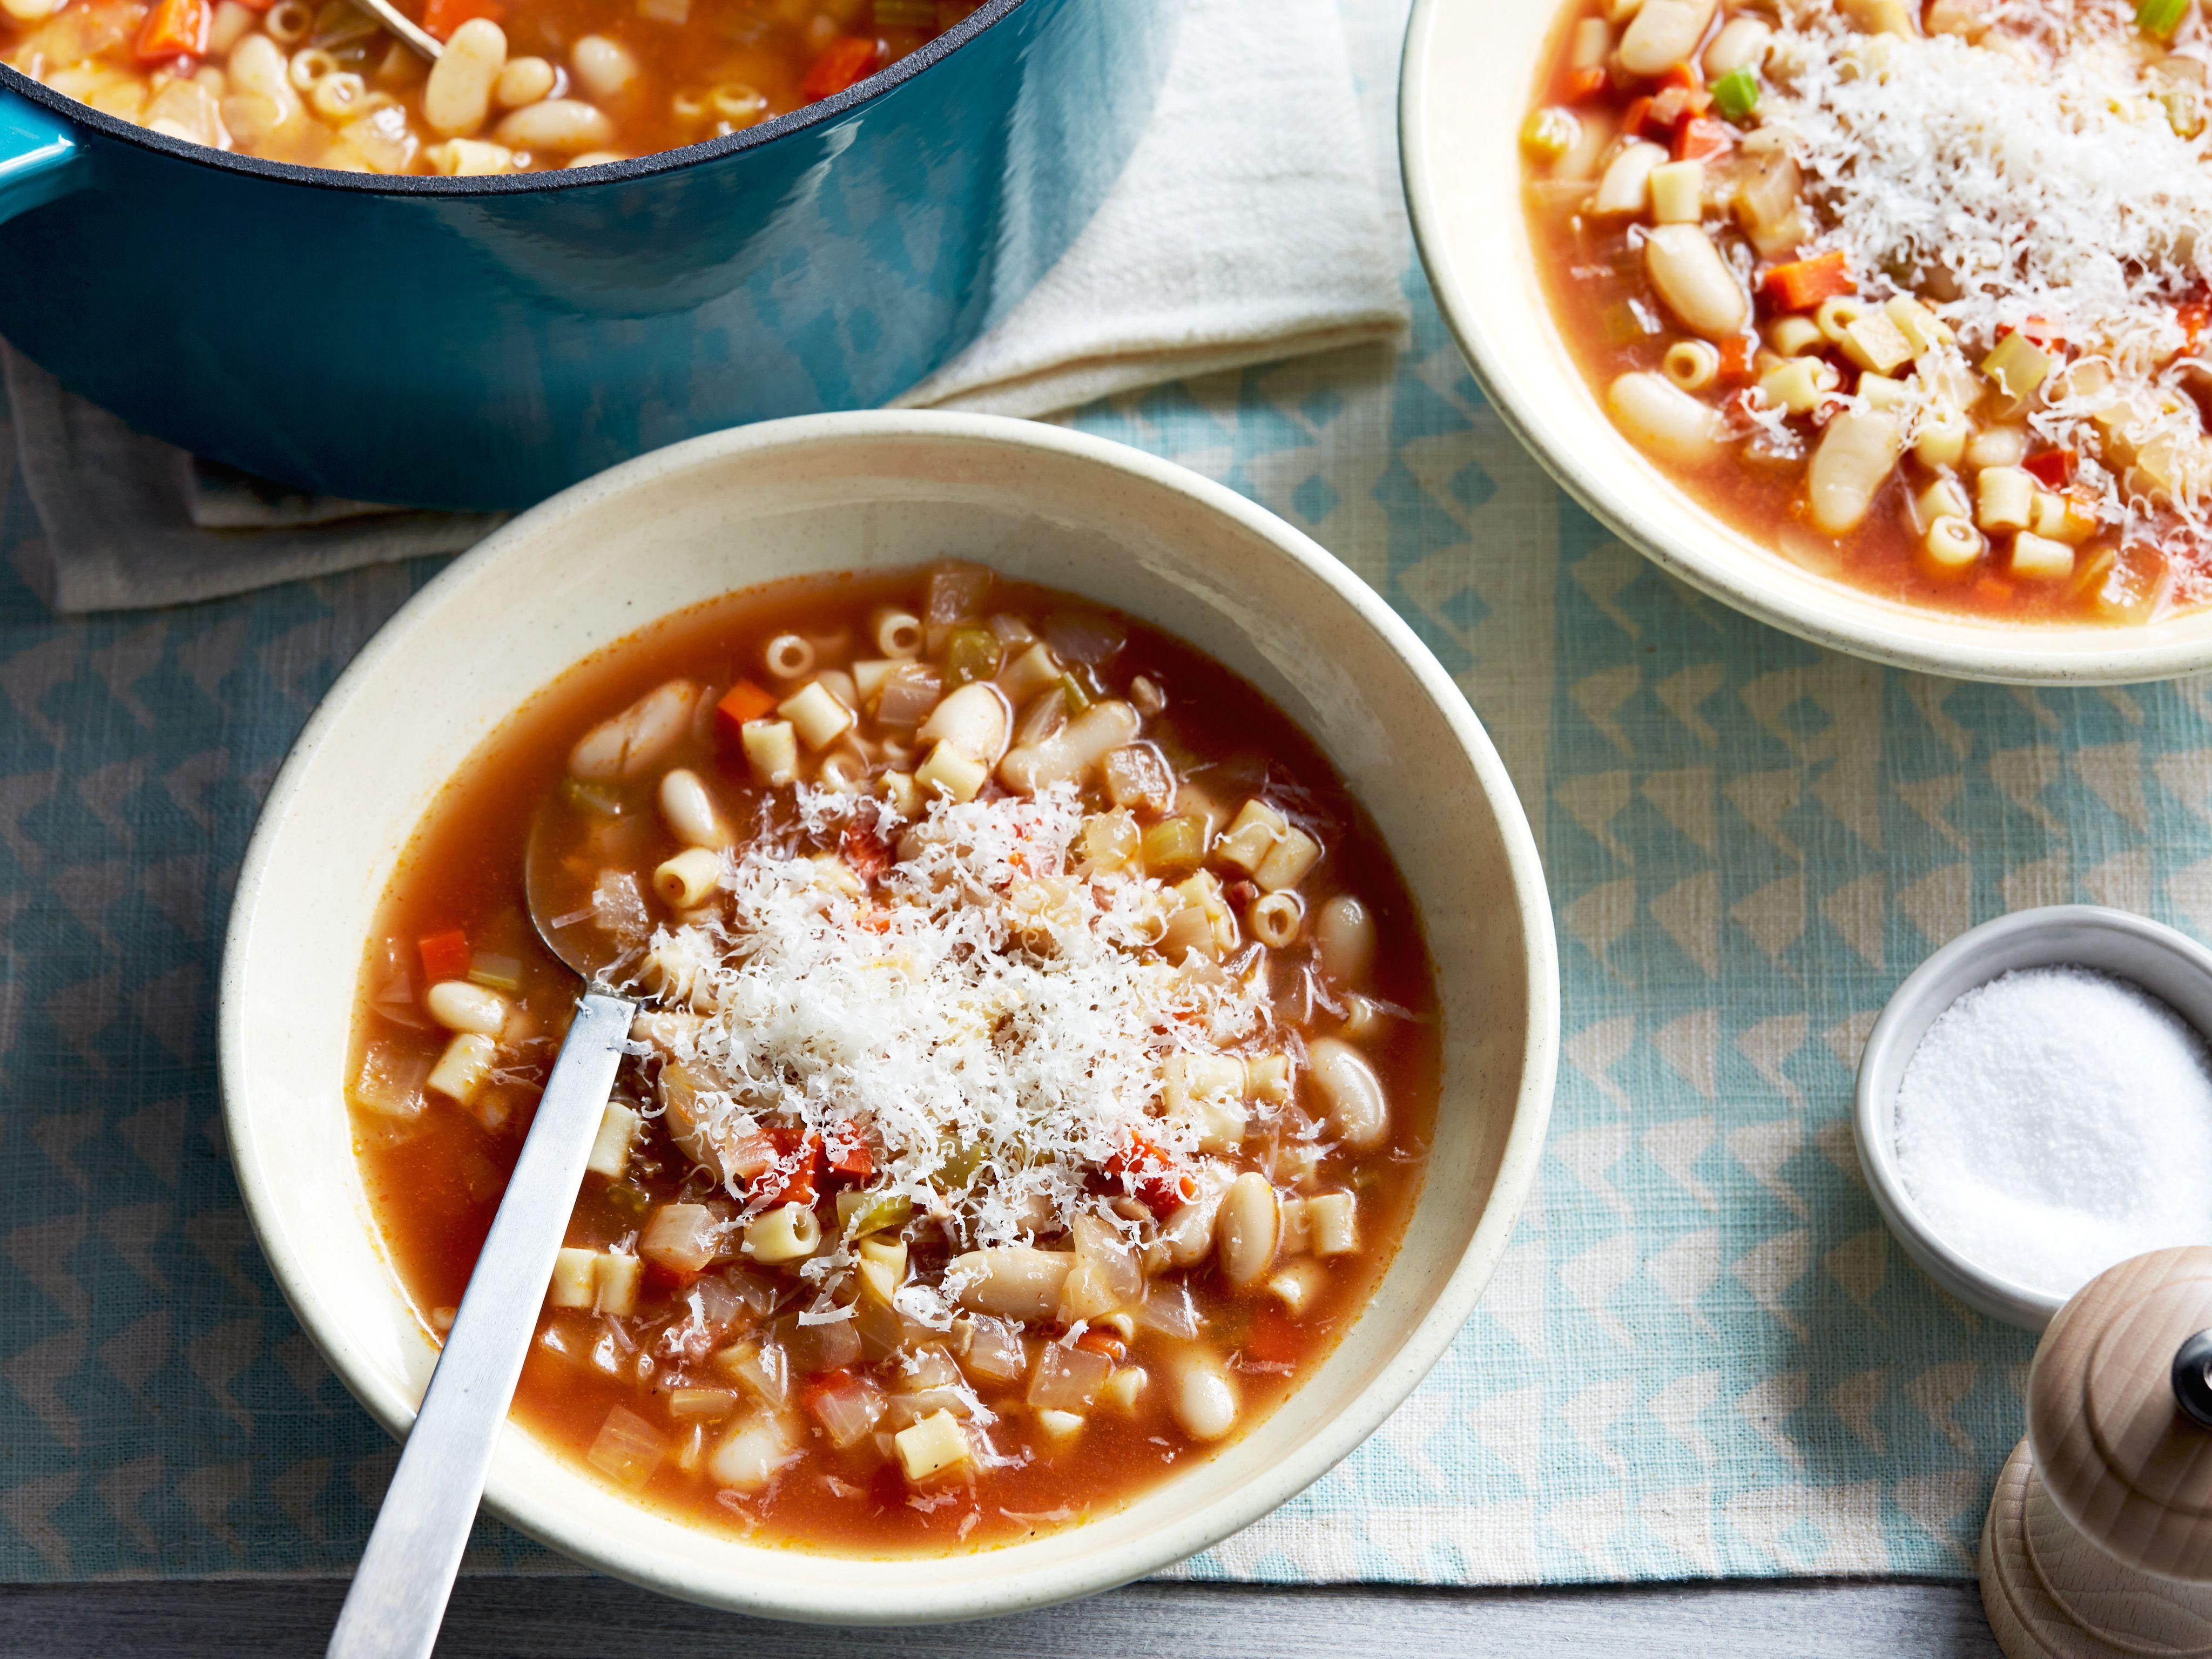 Get pasta and beans pasta e fagioli recipe from food network get pasta and beans pasta e fagioli recipe from food network forumfinder Choice Image